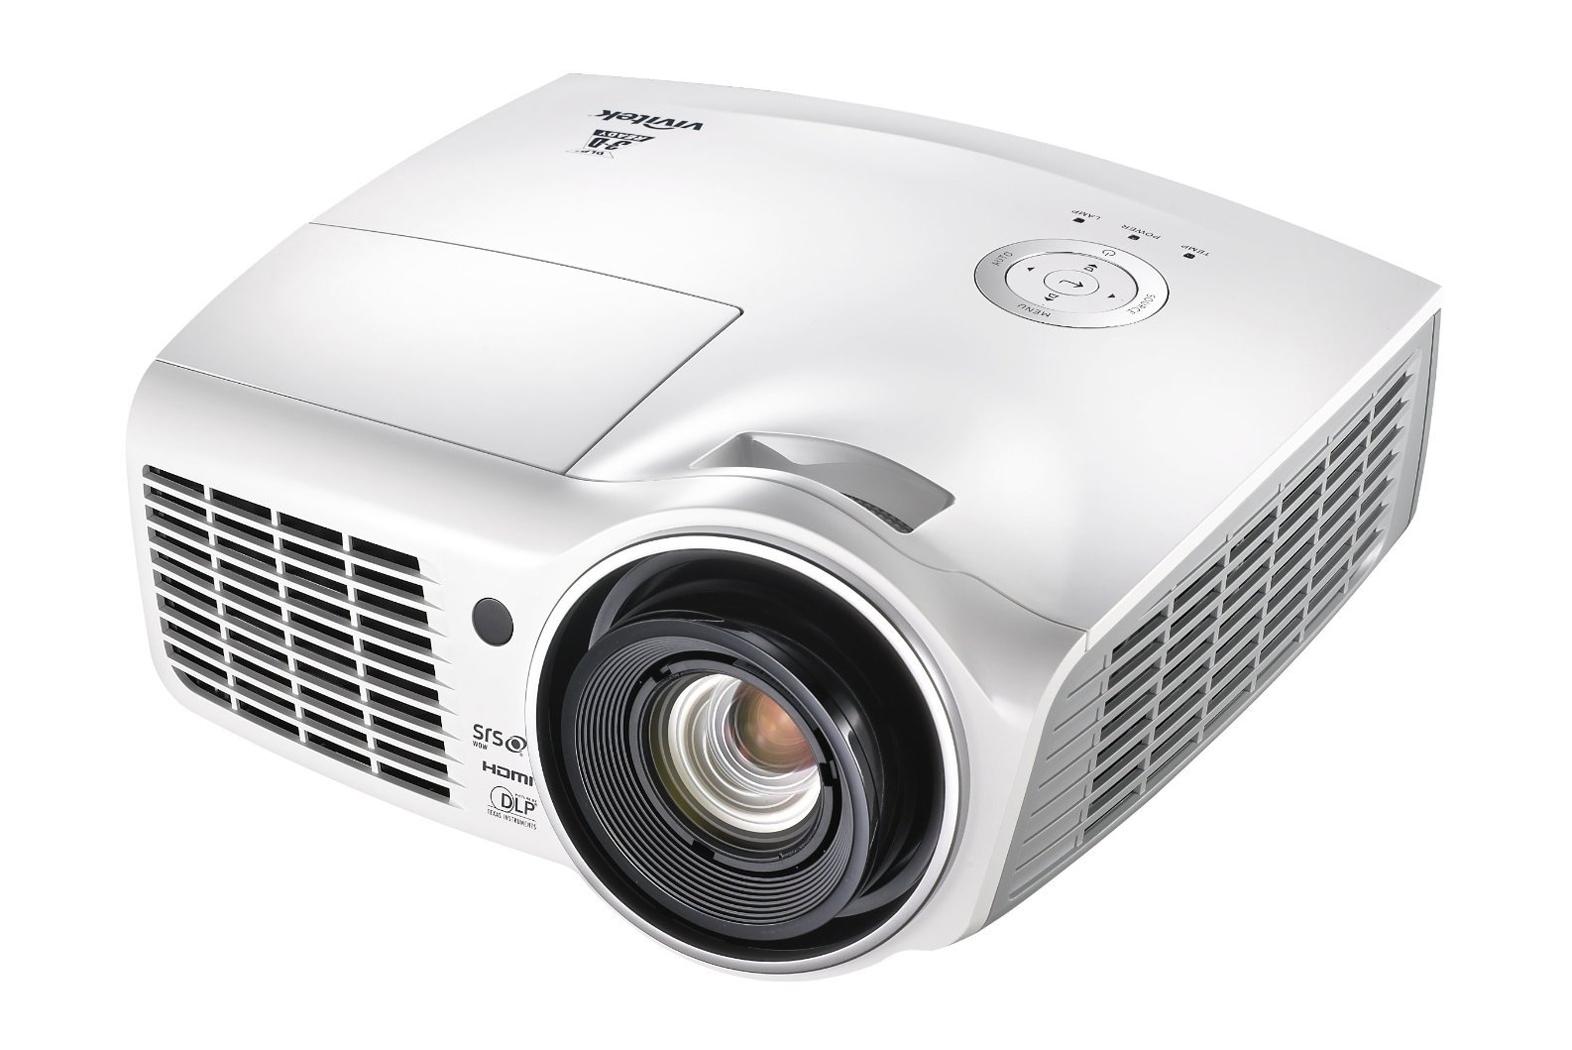 проектор для фотографий могут быть